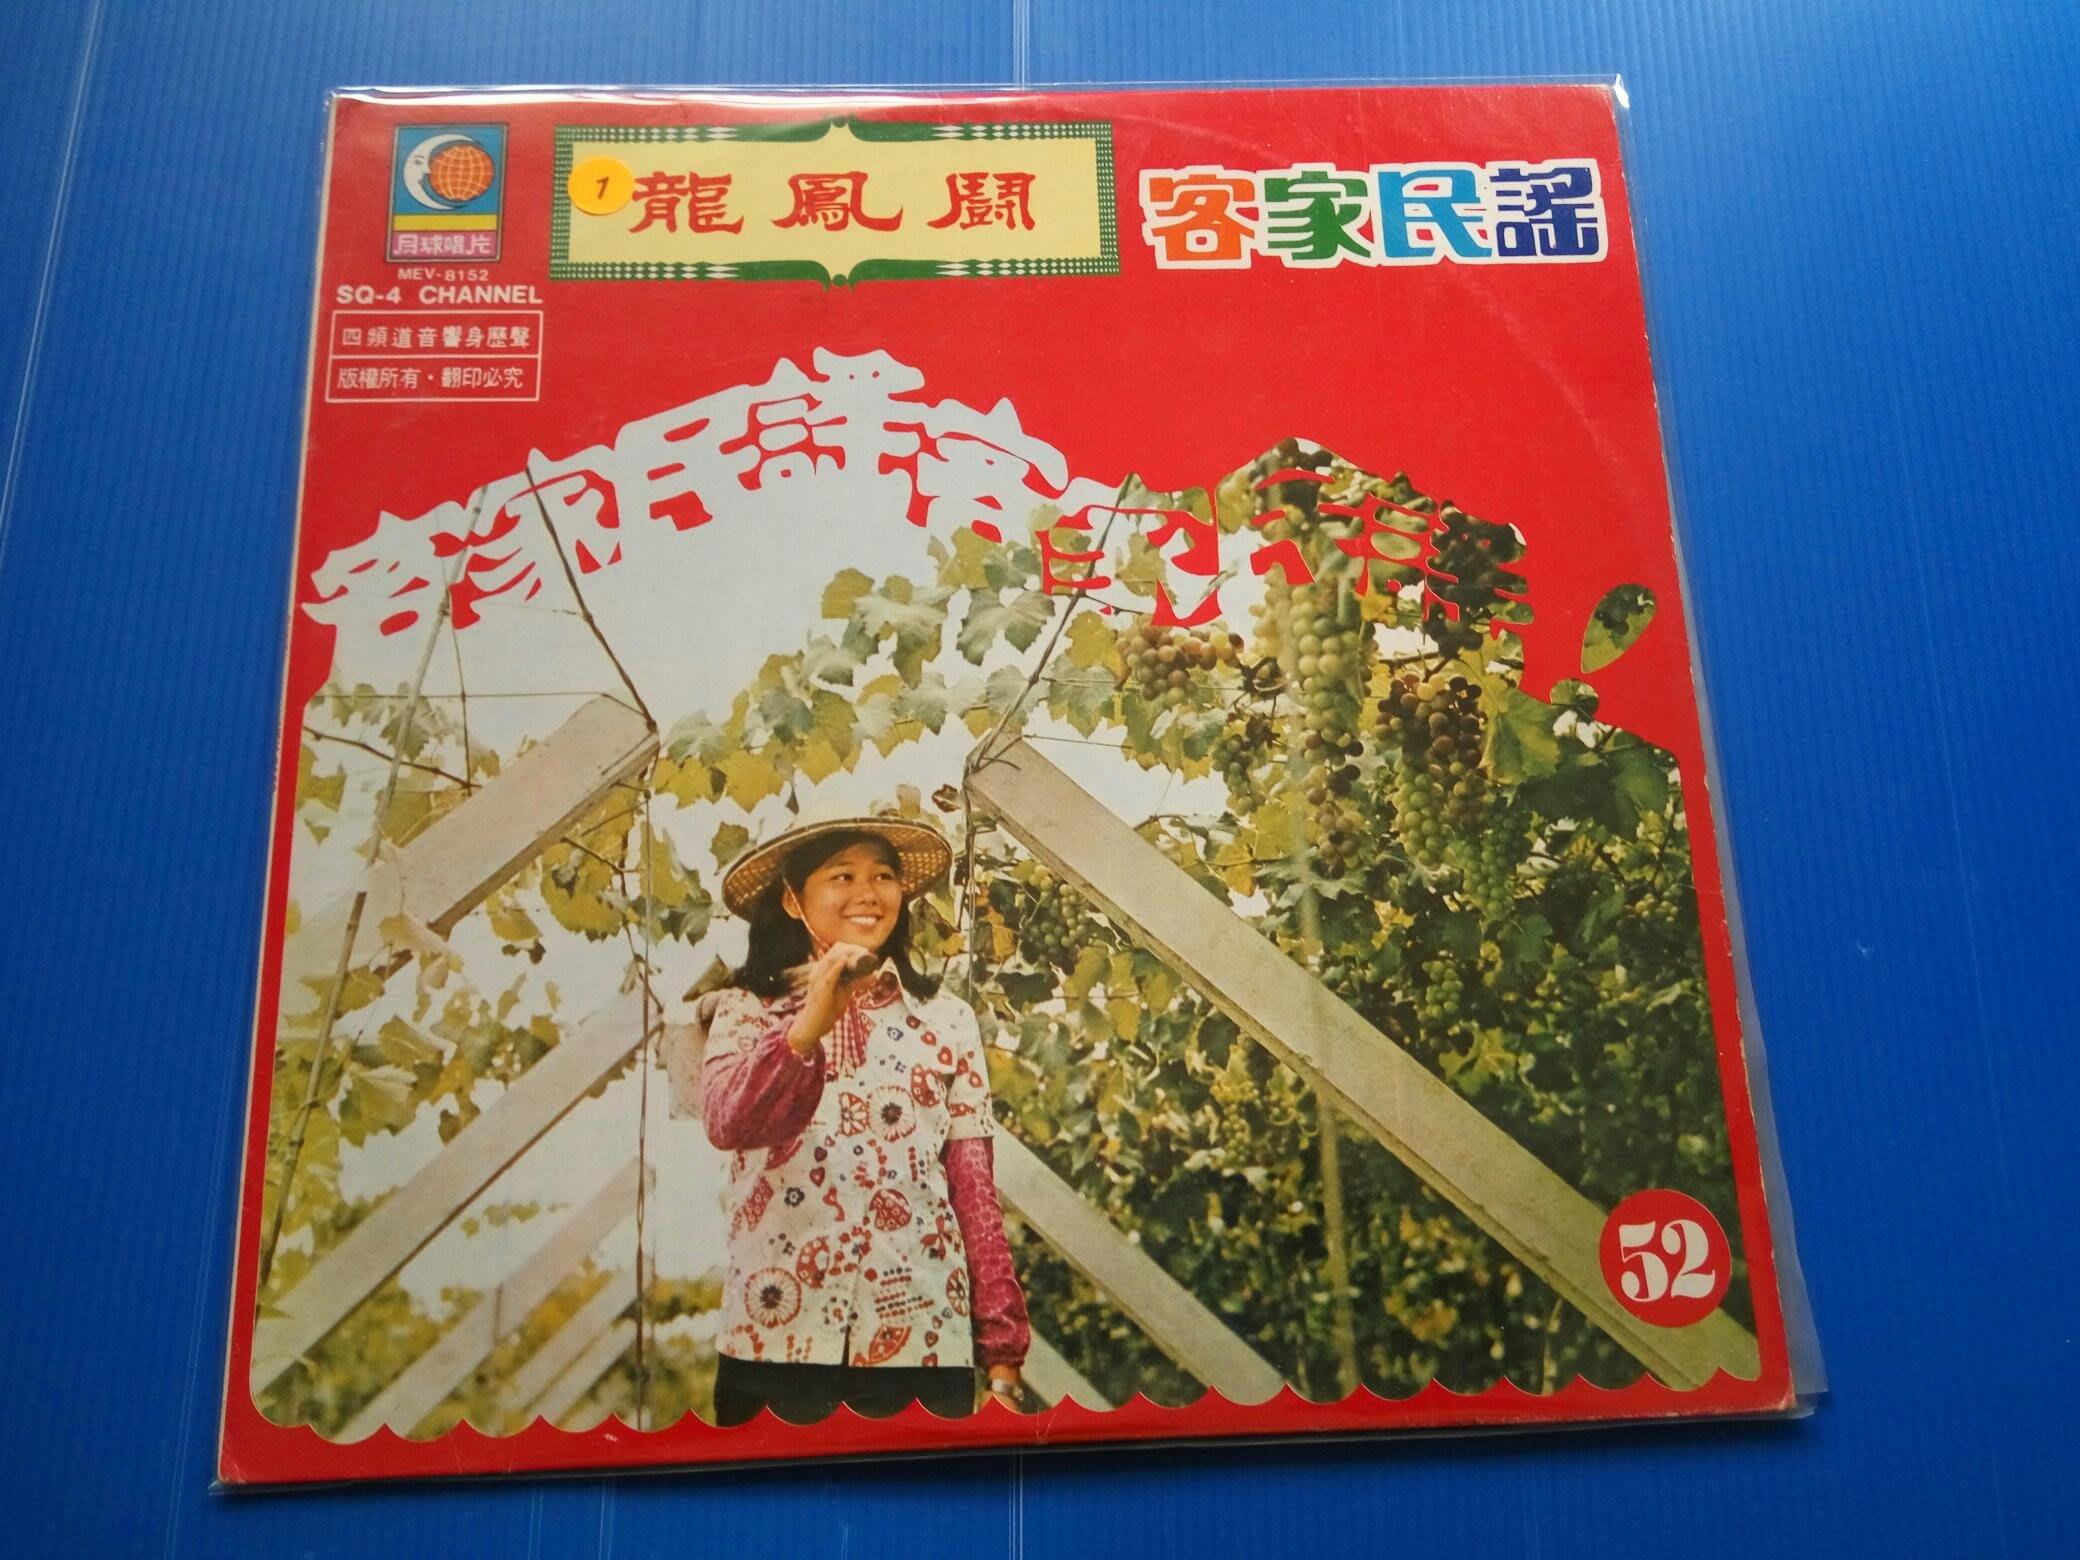 黑膠唱片。(1)客家民謡。龍鳳鬪。有歌詞。